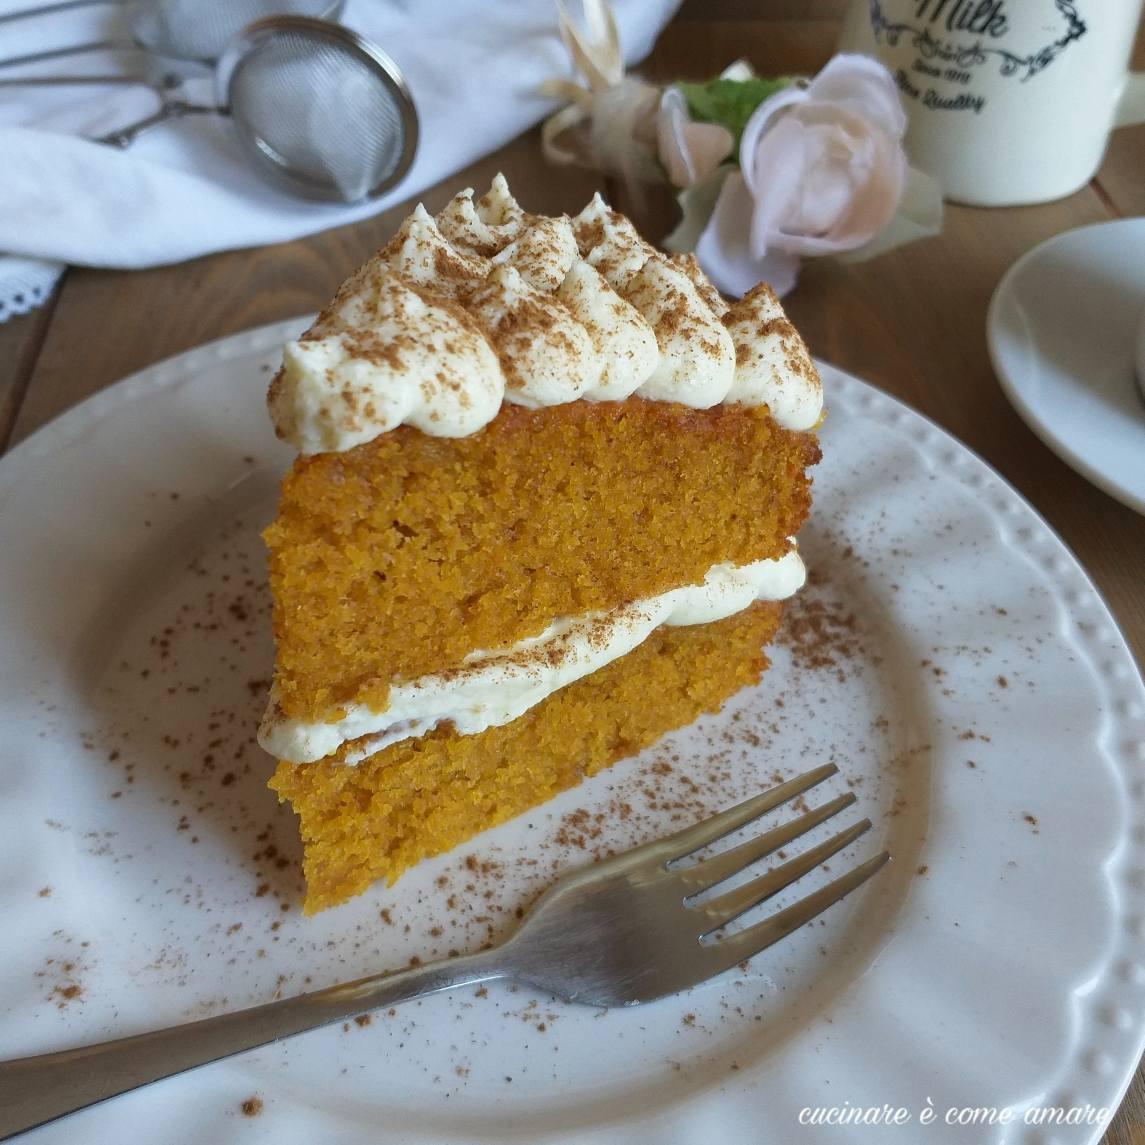 torta alla zucca ripiena di crema mascarpone